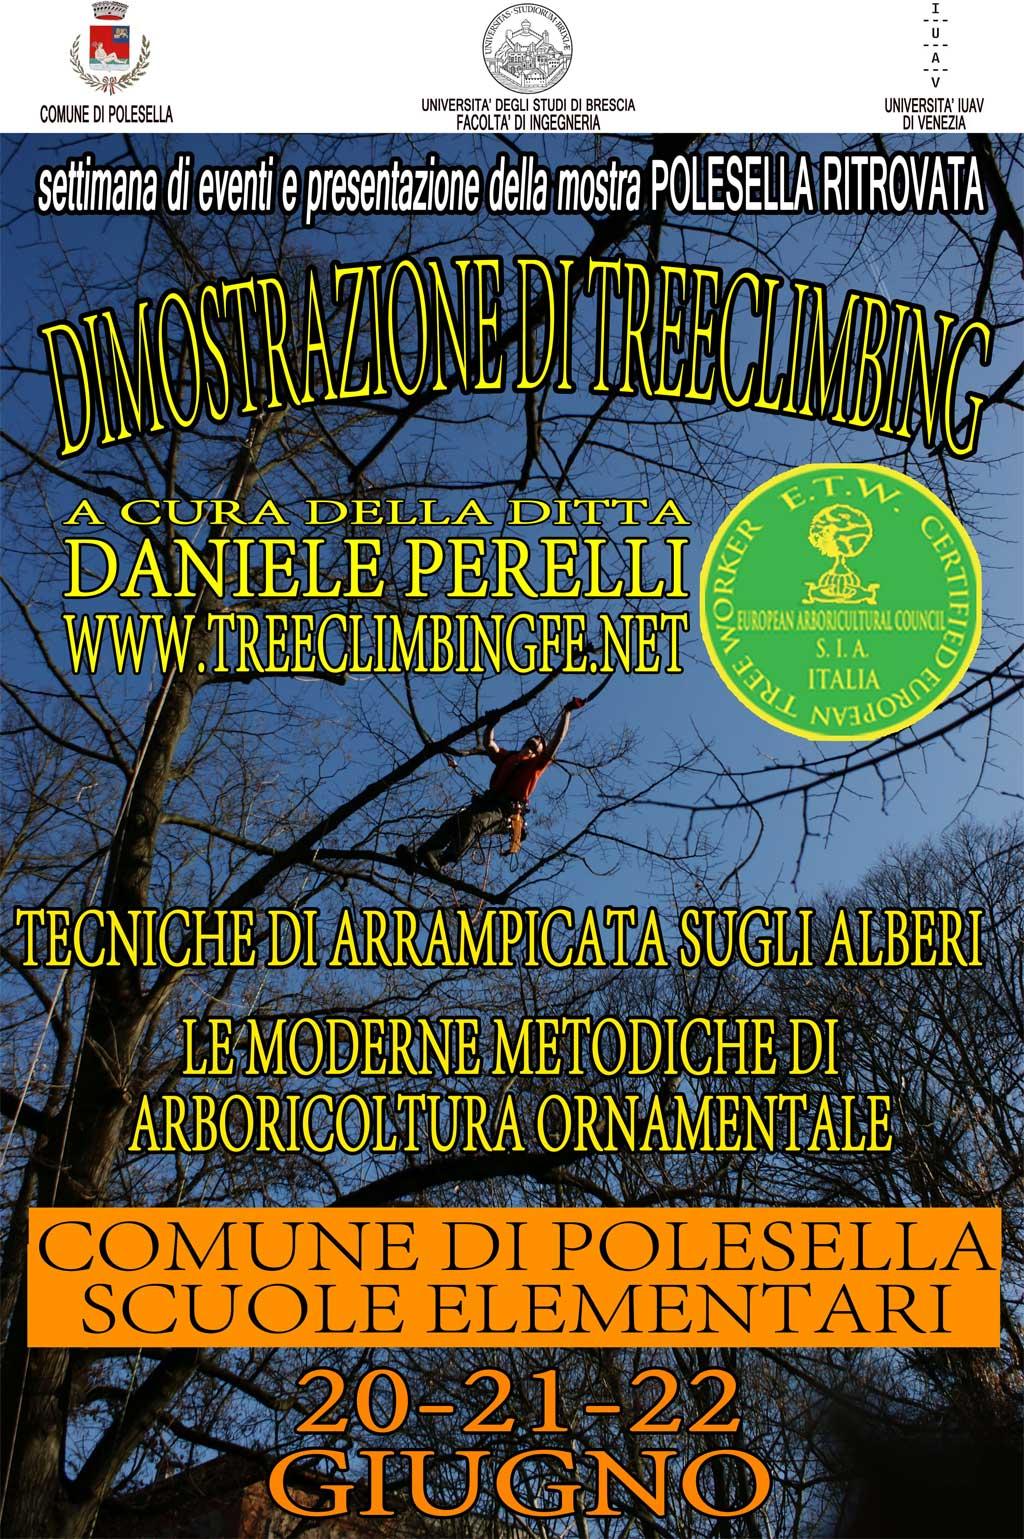 Tree Climbing Ferrara - Arboricoltura Perelli: comune di Polesella dimostrazione di treeclimbing